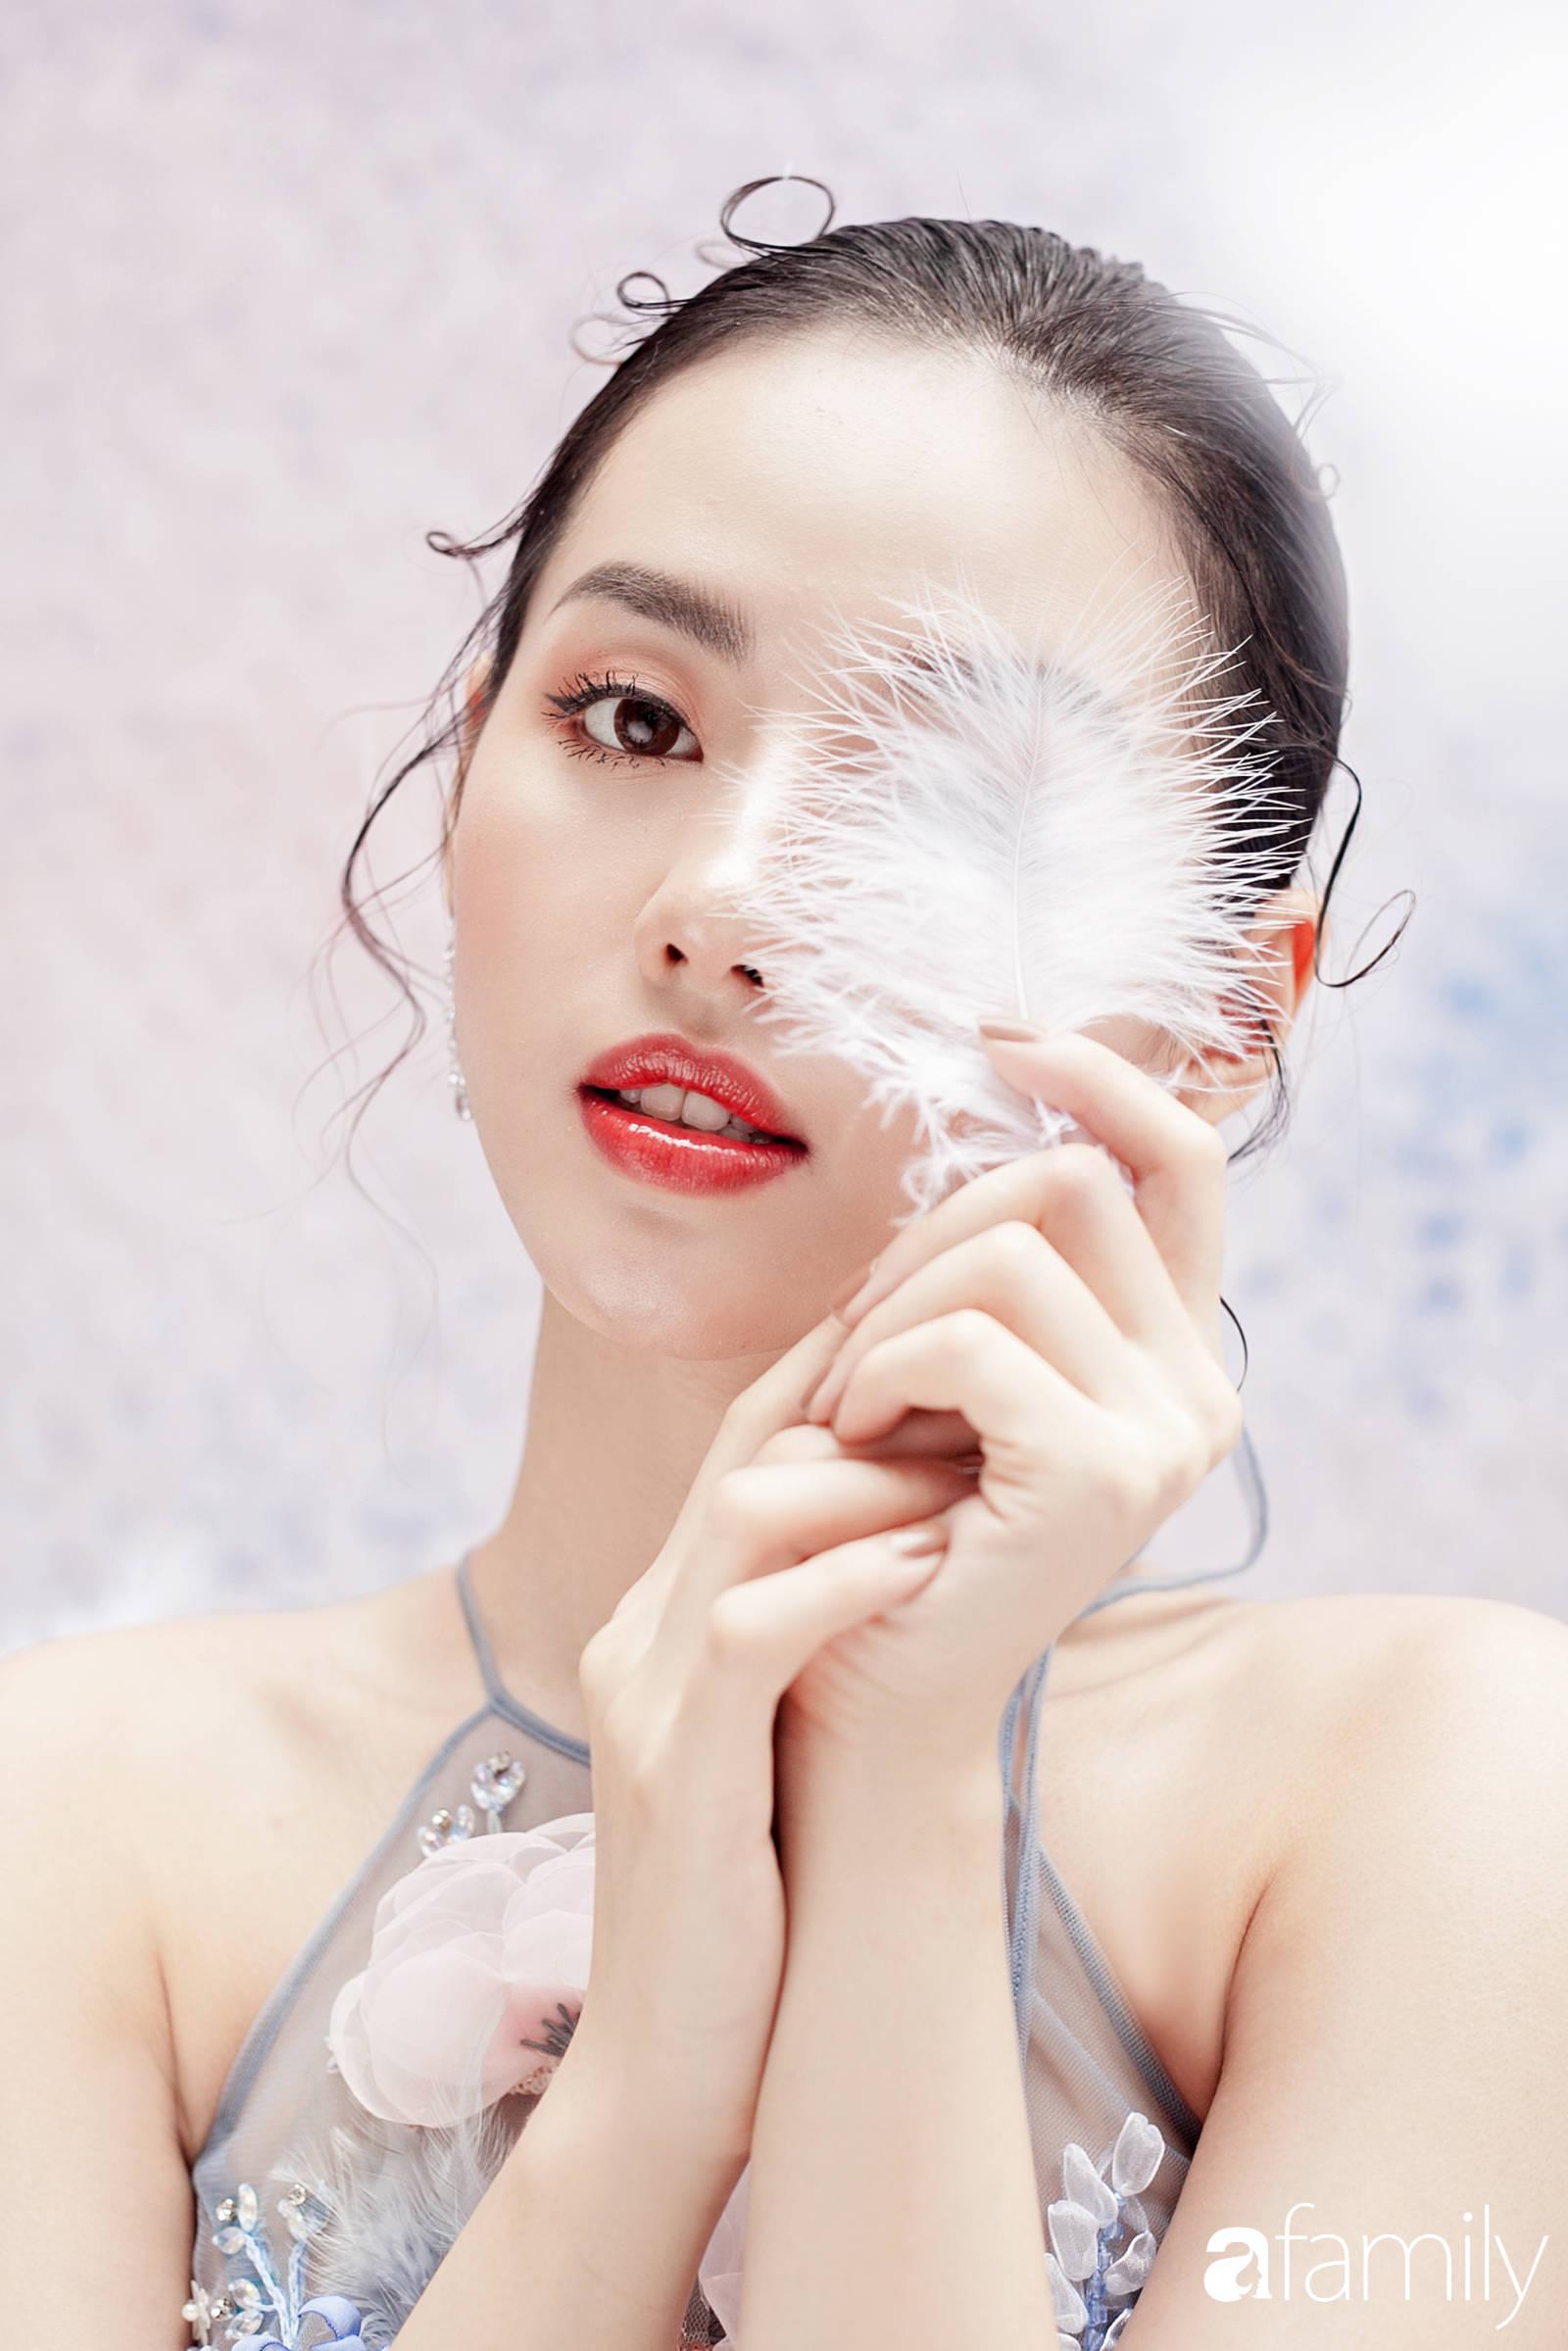 Khánh Linh The Face: Phẫu thuật thẩm mỹ cũng là một hình thức đầu tư để sinh lãi - Ảnh 10.